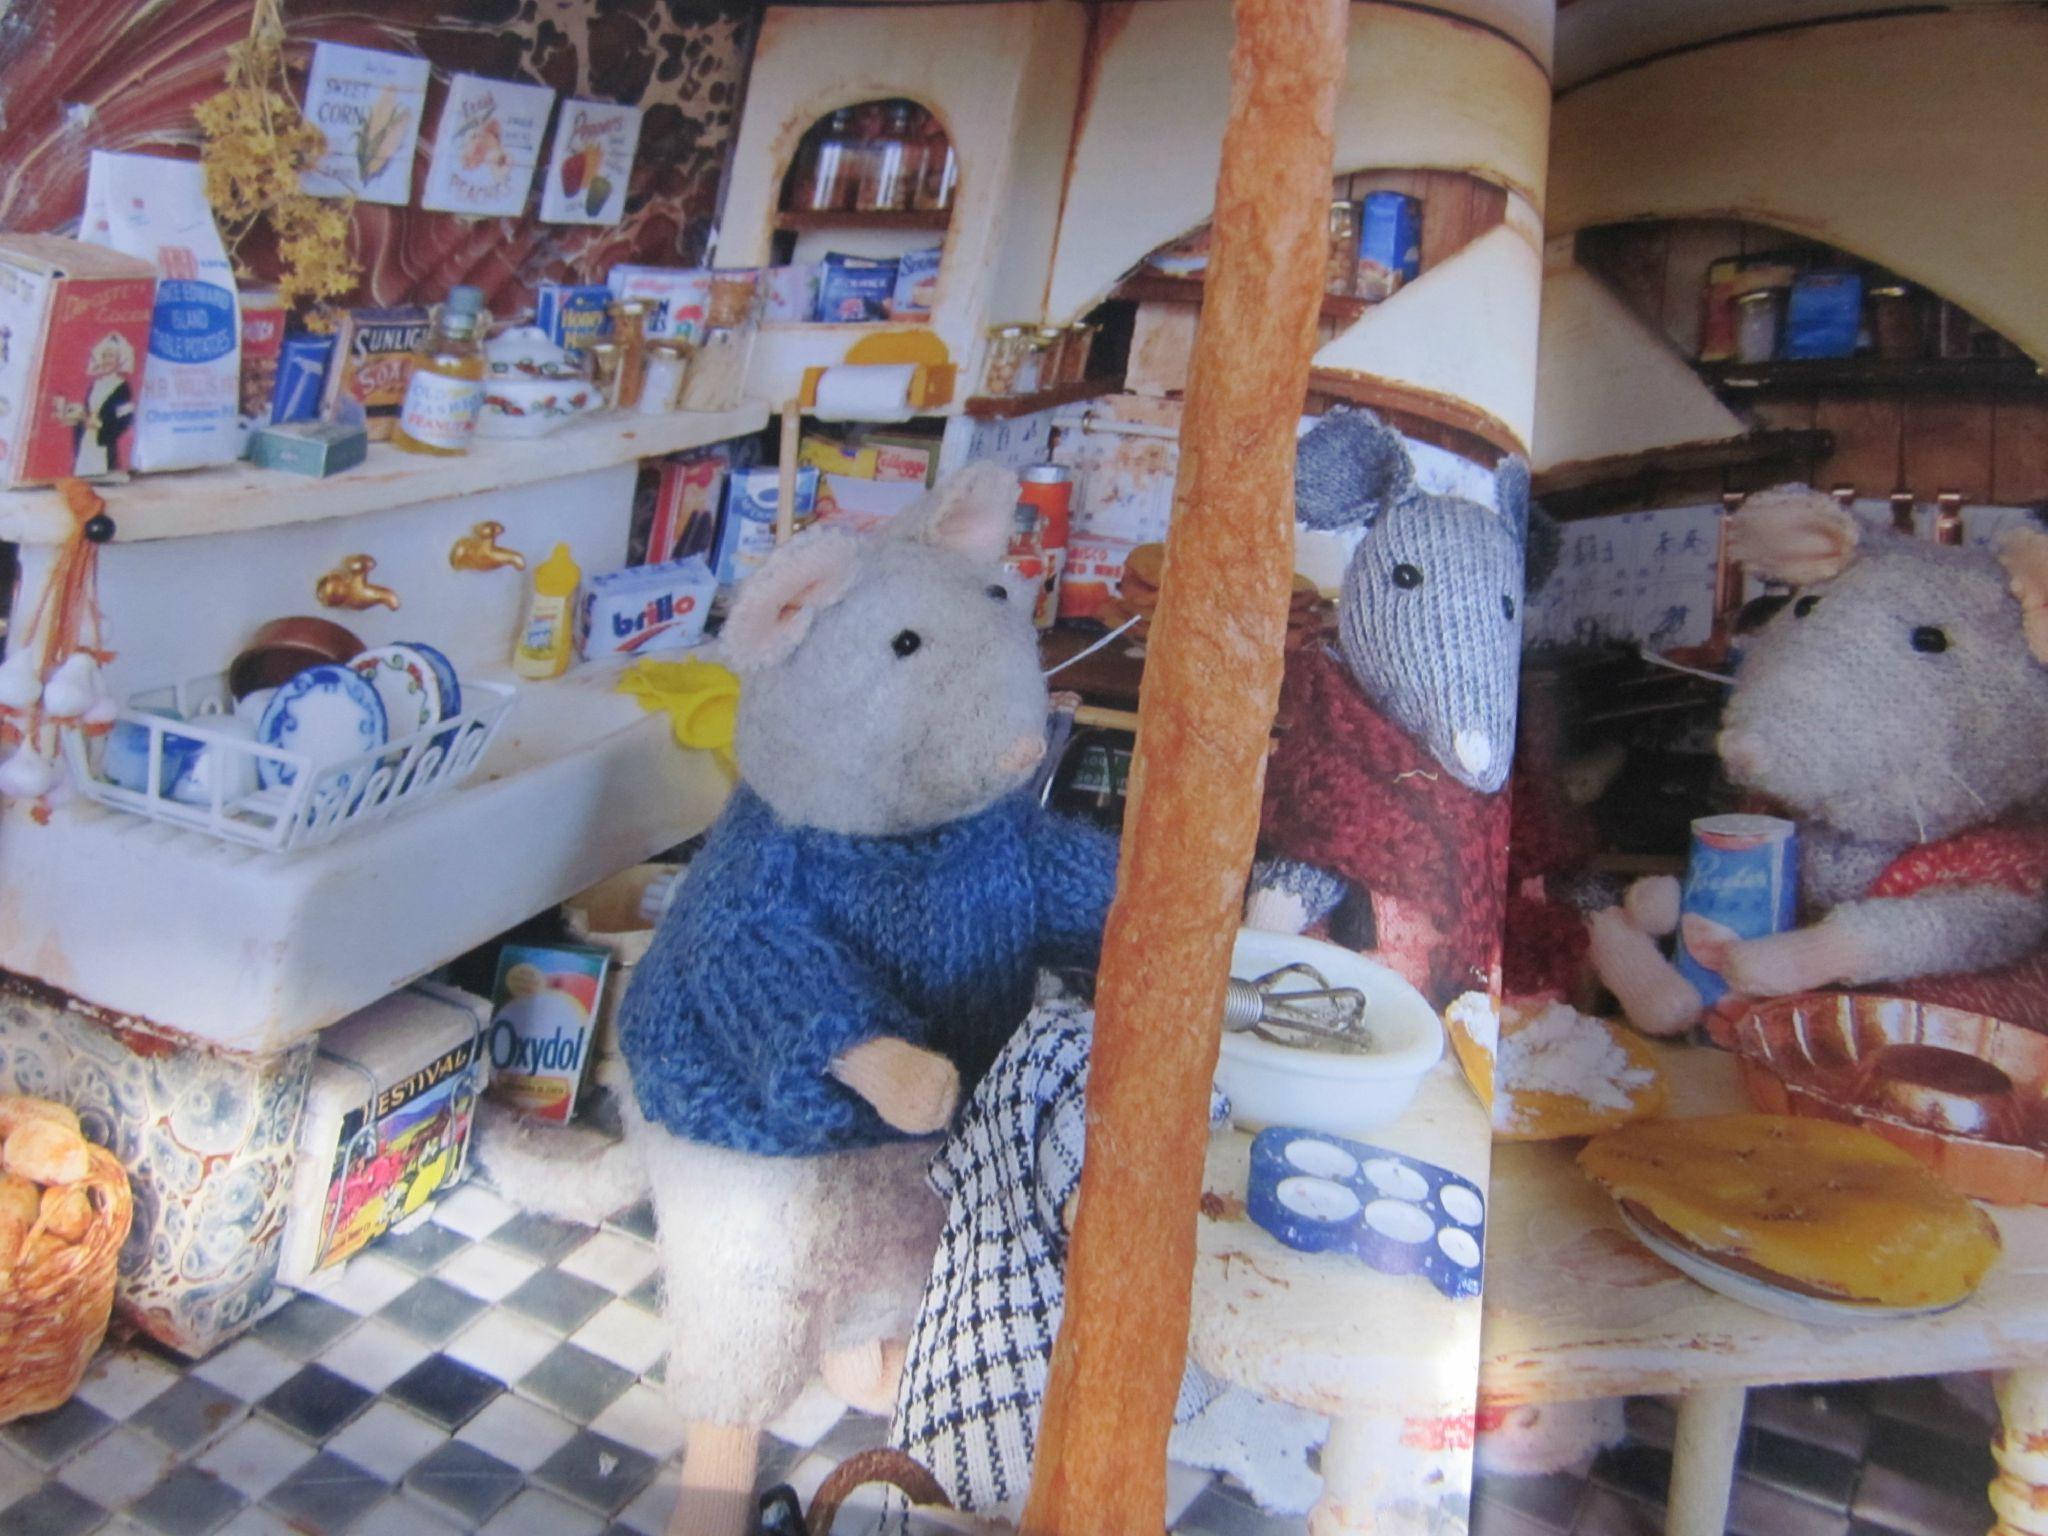 l 39 histoire du soir 12 sam et julia dans la maison de souris par karina schaapman les mots. Black Bedroom Furniture Sets. Home Design Ideas